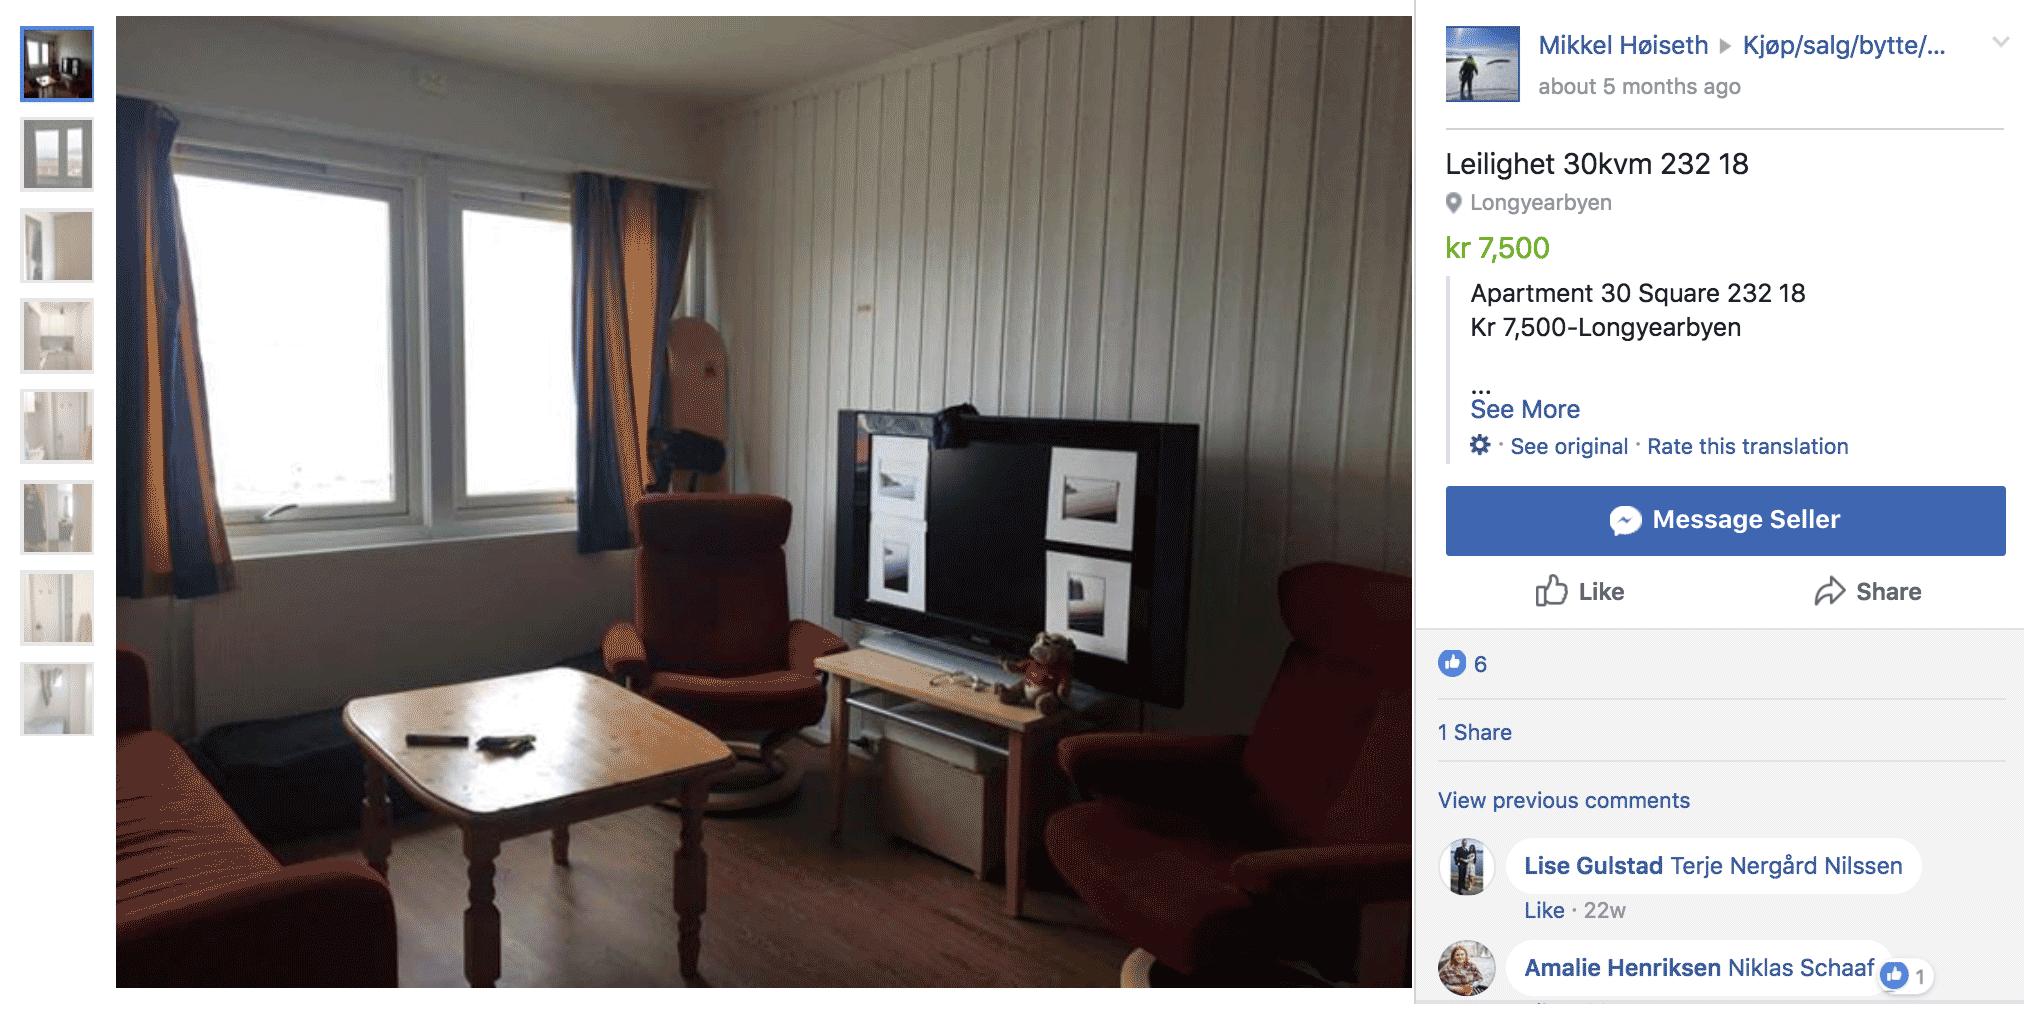 Вот такую небольшую квартиру сдают в Фейсбуке за 7500 крон в месяц